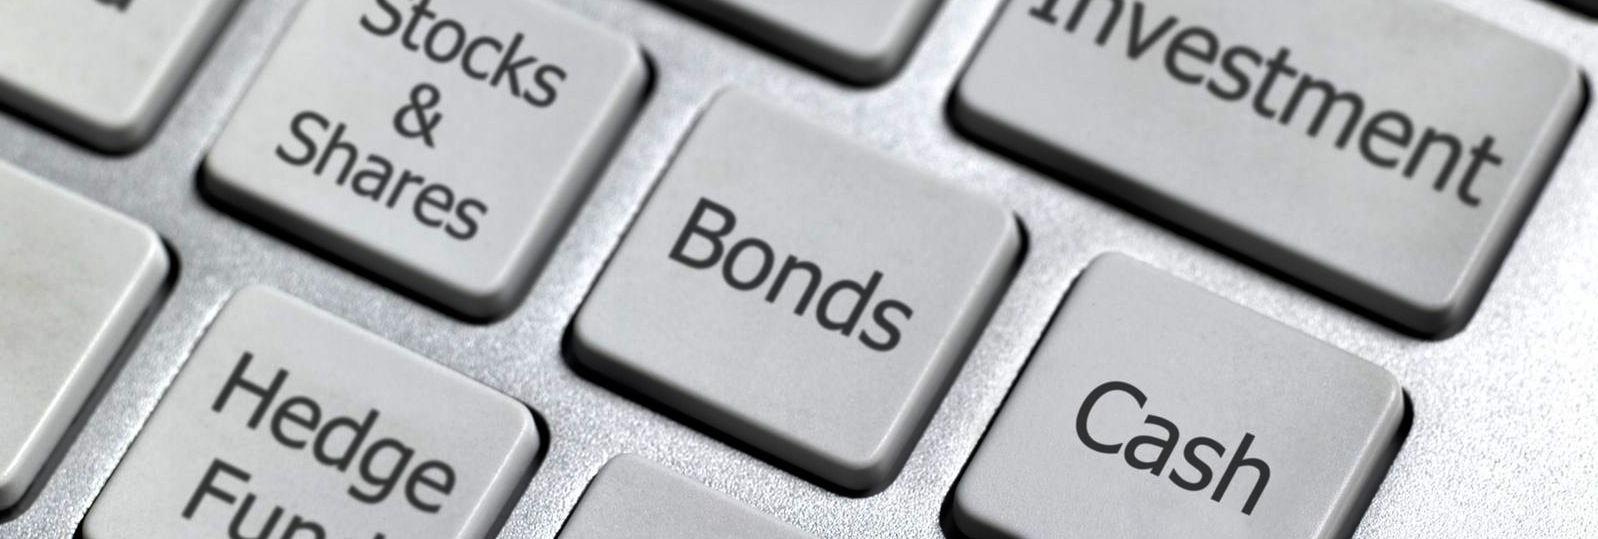 Bank dan Multifinance pun Cari Uang di Pasar Modal